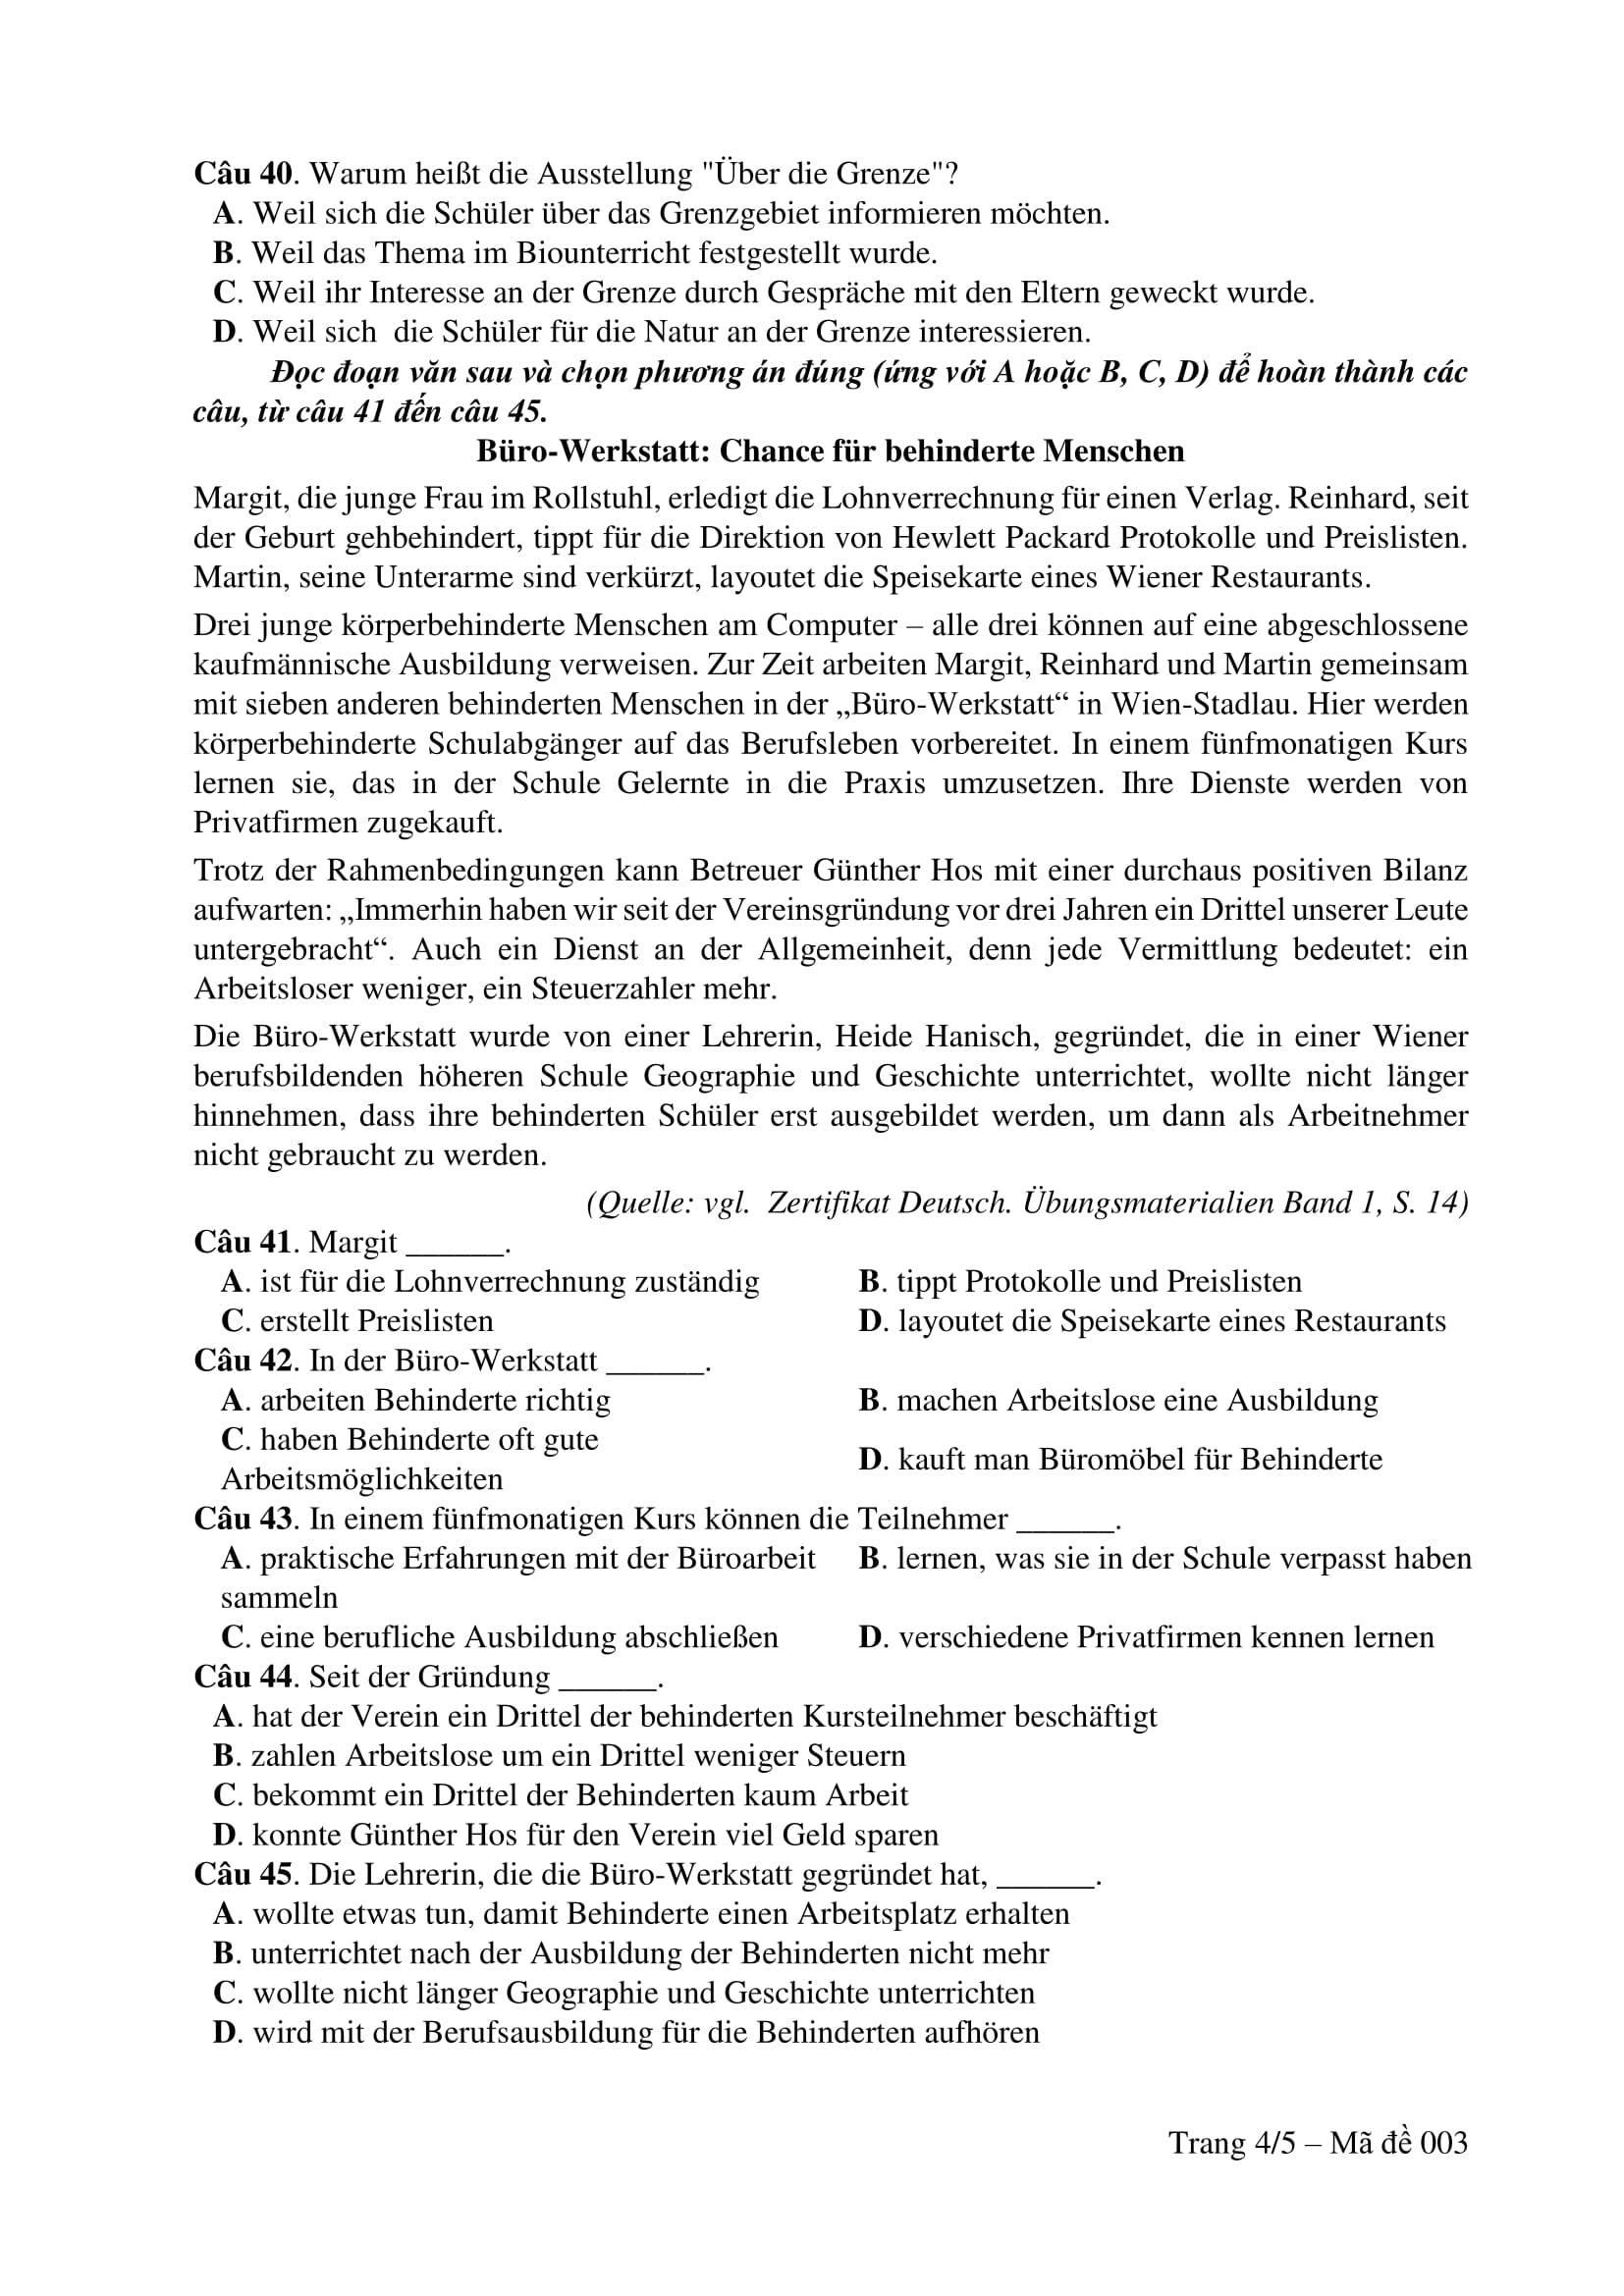 Đề thi tham khảo môn Tiếng Đức kỳ thi THPT quốc gia 2017